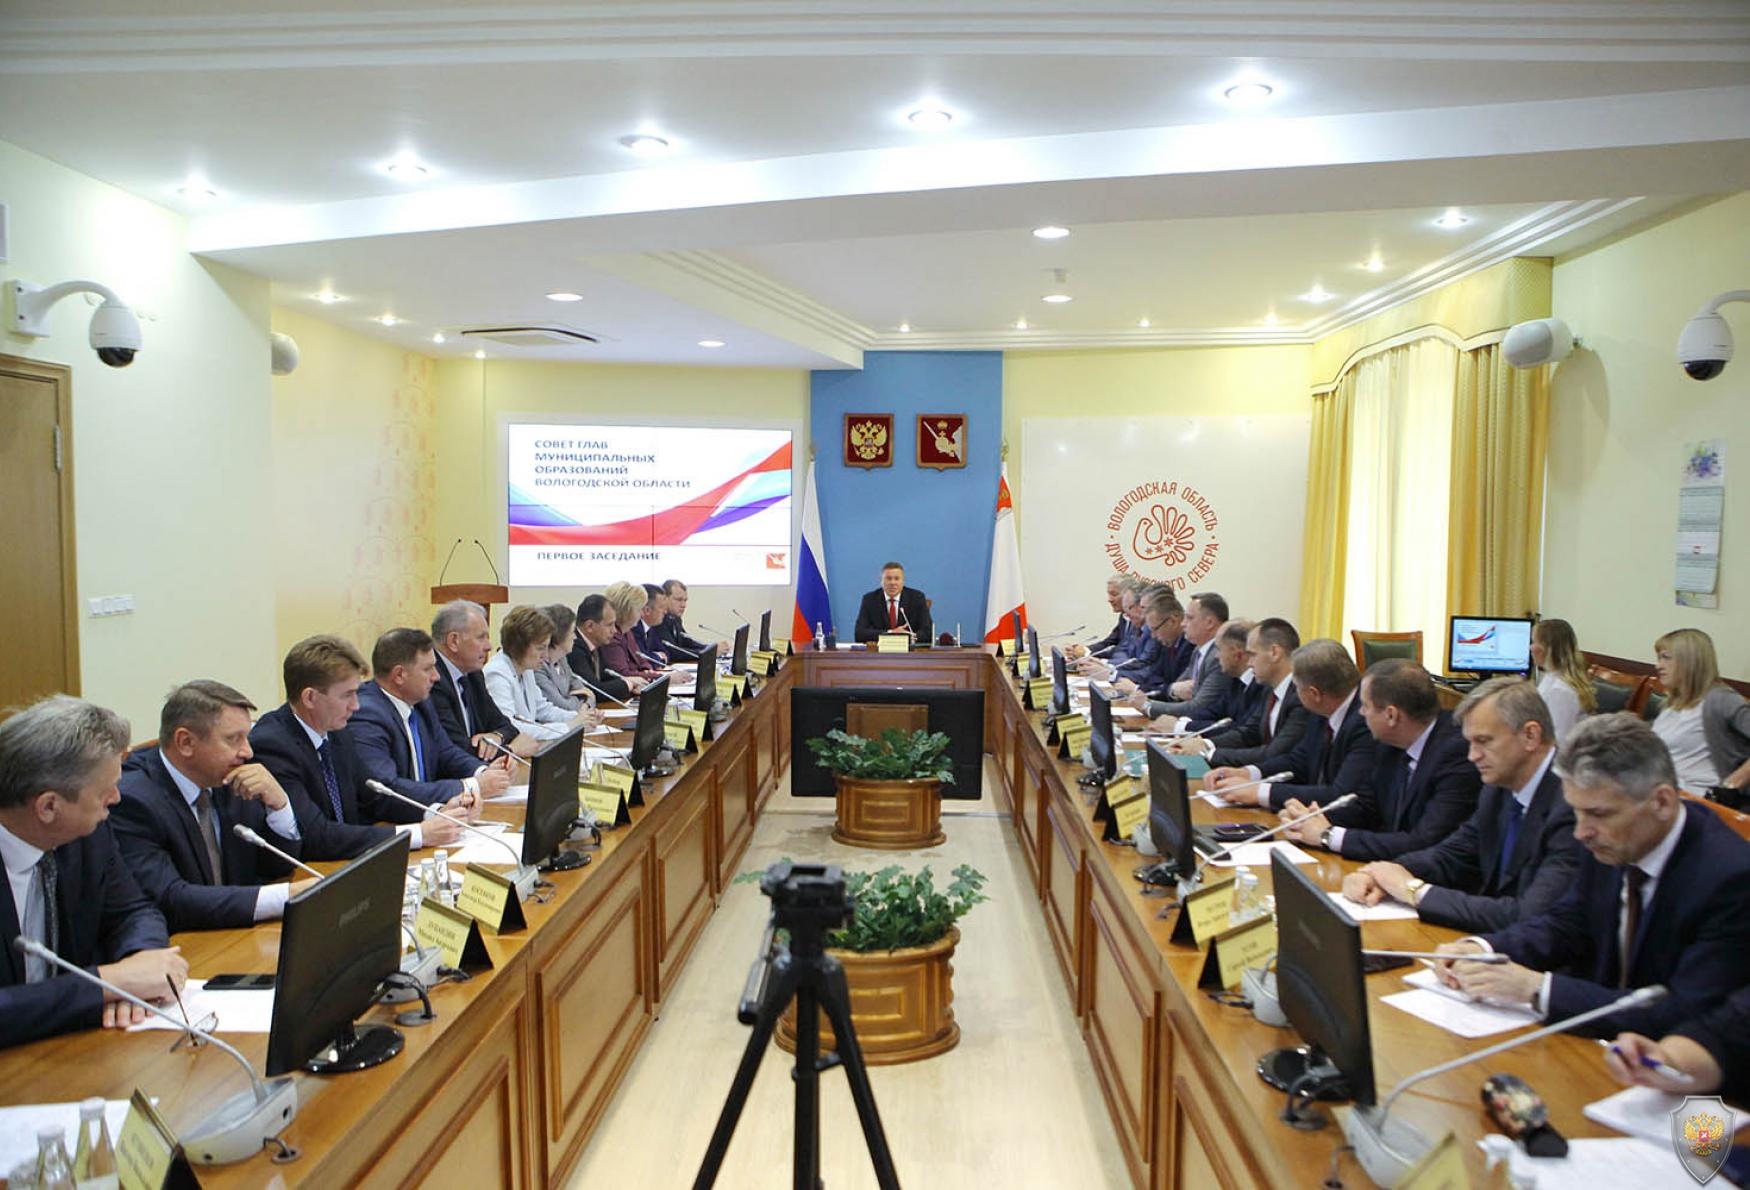 Совет глав муниципальных образований Вологодской области